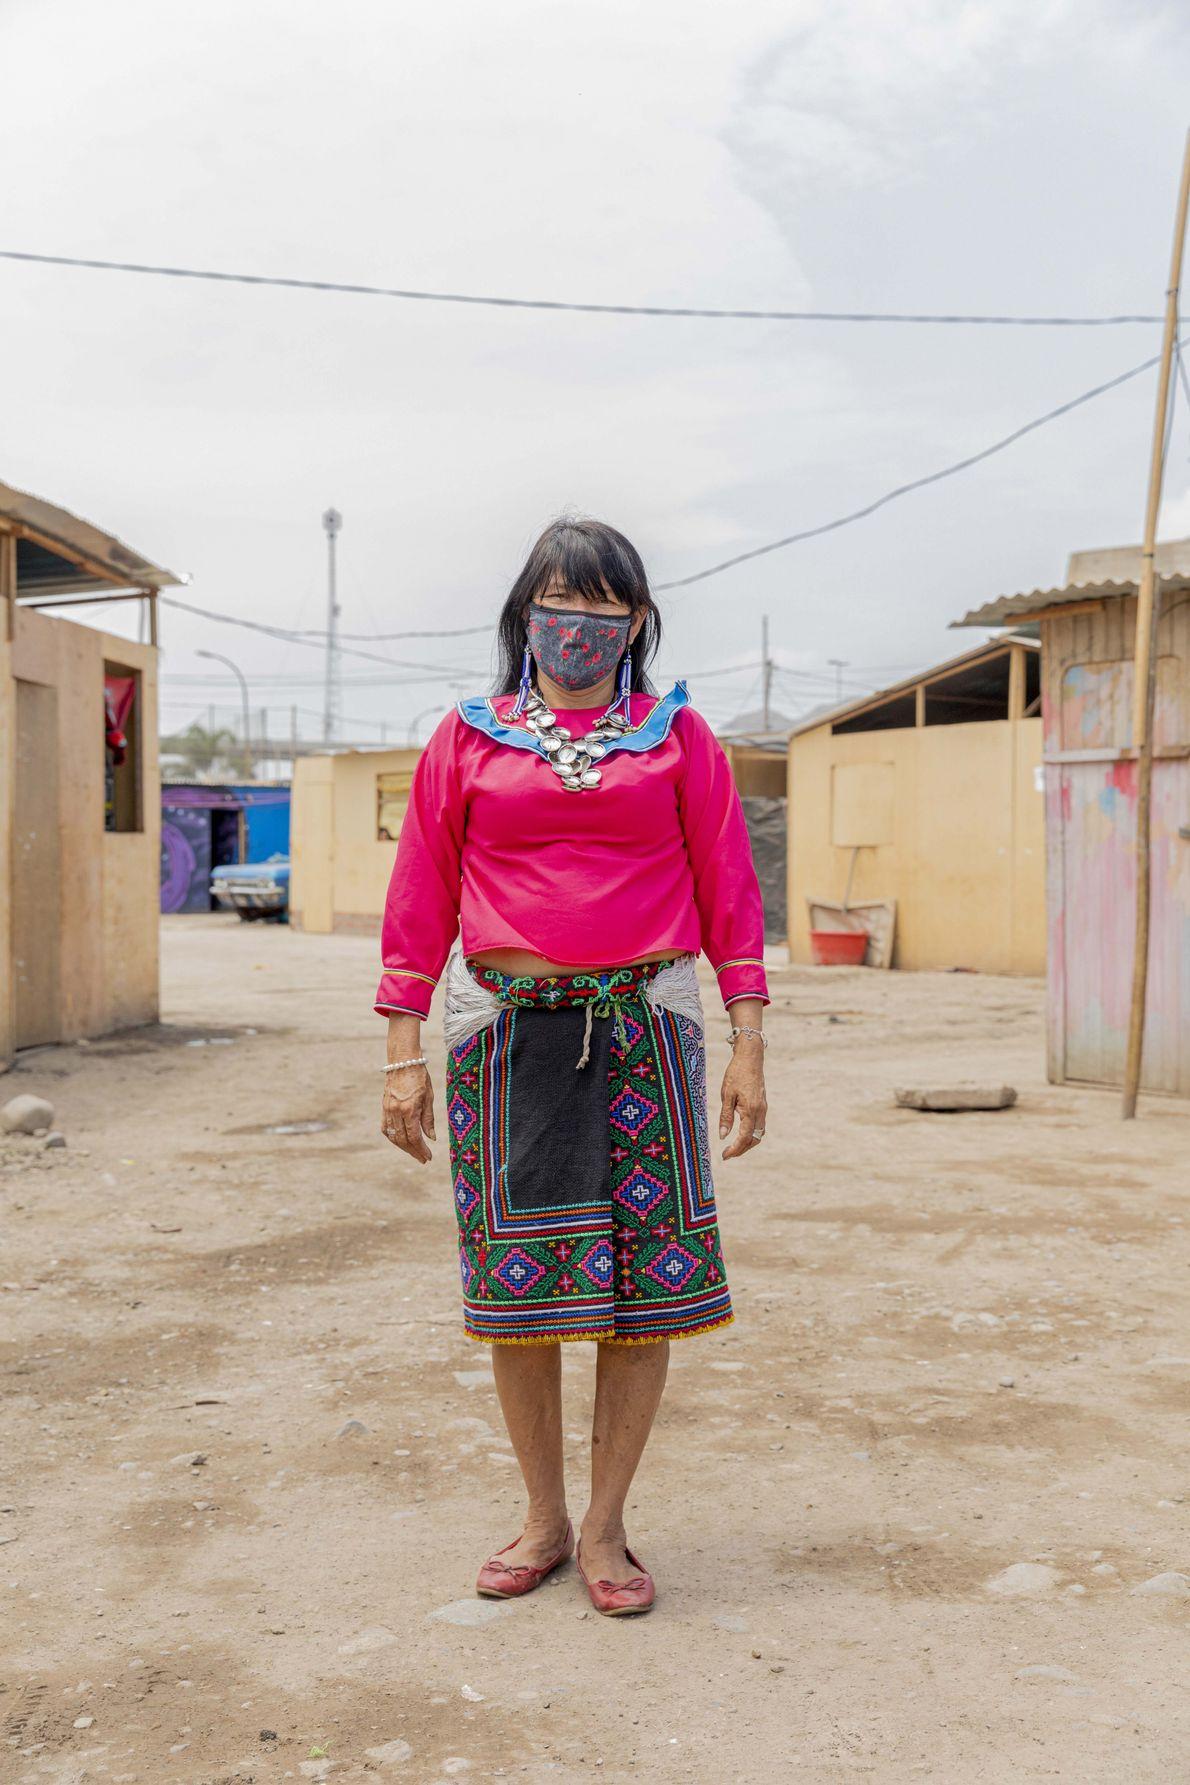 Olinda Silvano, reconocida artista tradicional Shipiba, en los exteriores de su vivienda. Ella lleva una mascarilla ...